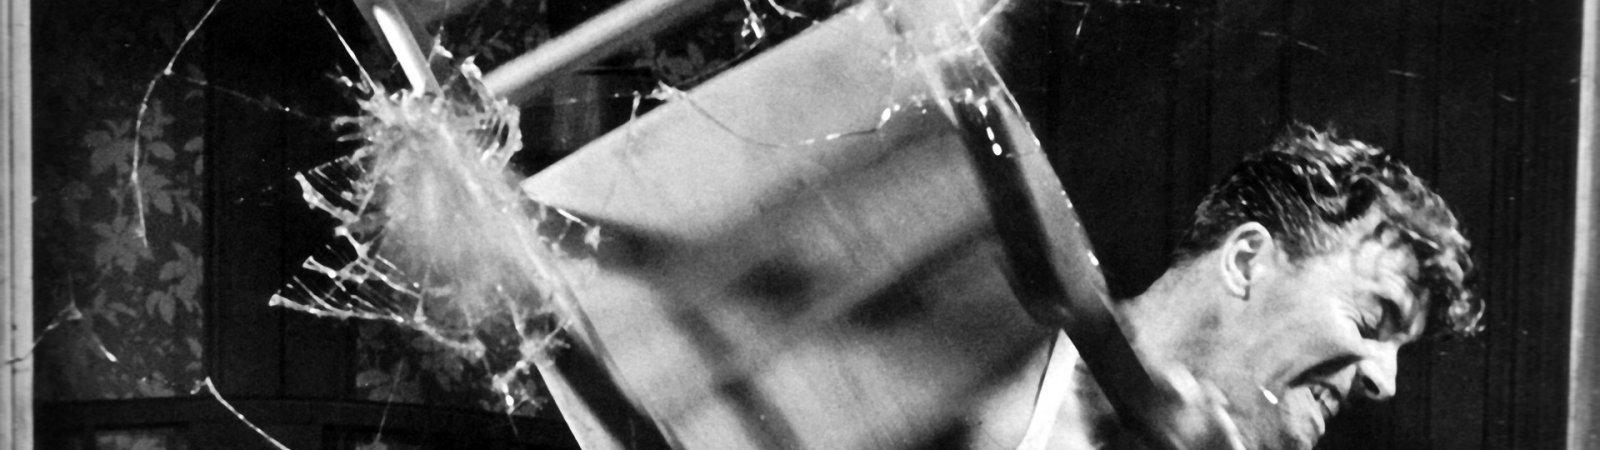 Photo dernier film William  Conrad